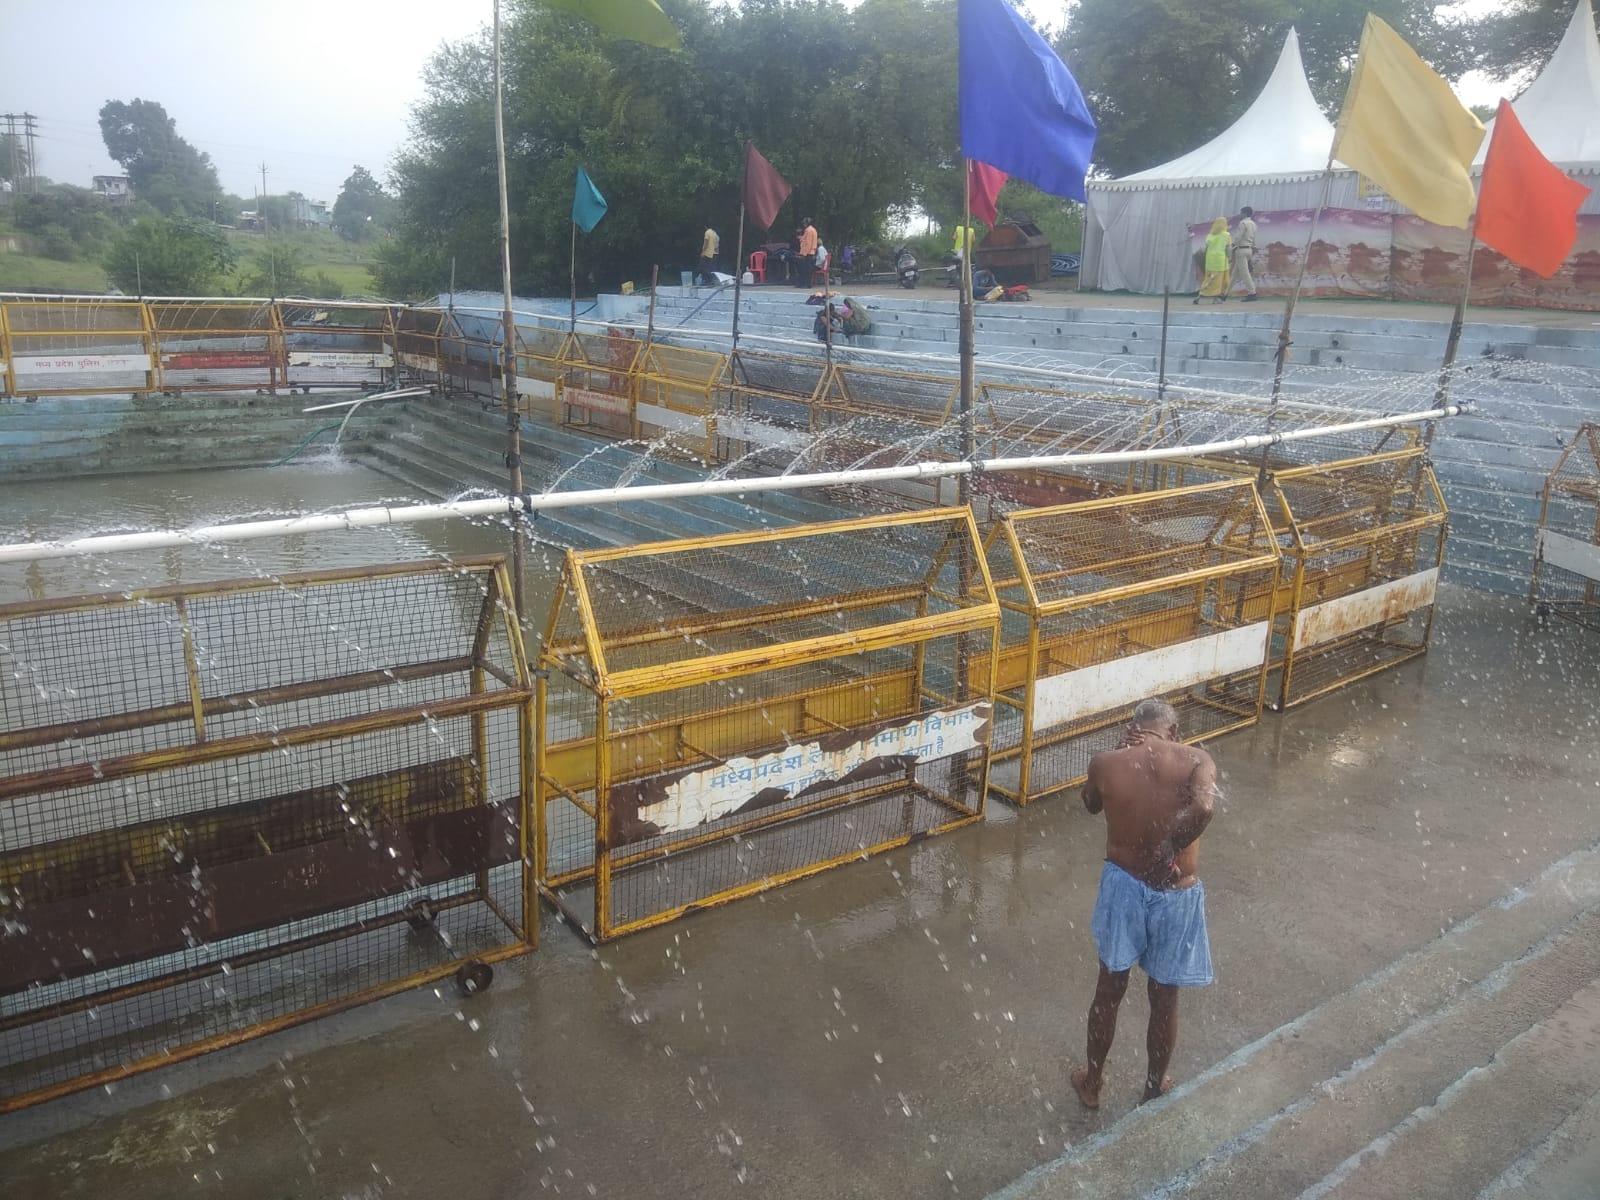 श्रद्धालु नदी में स्नान न करें इसलिए प्रशासन ने यहां फव्वारे लगवा दिए थे।